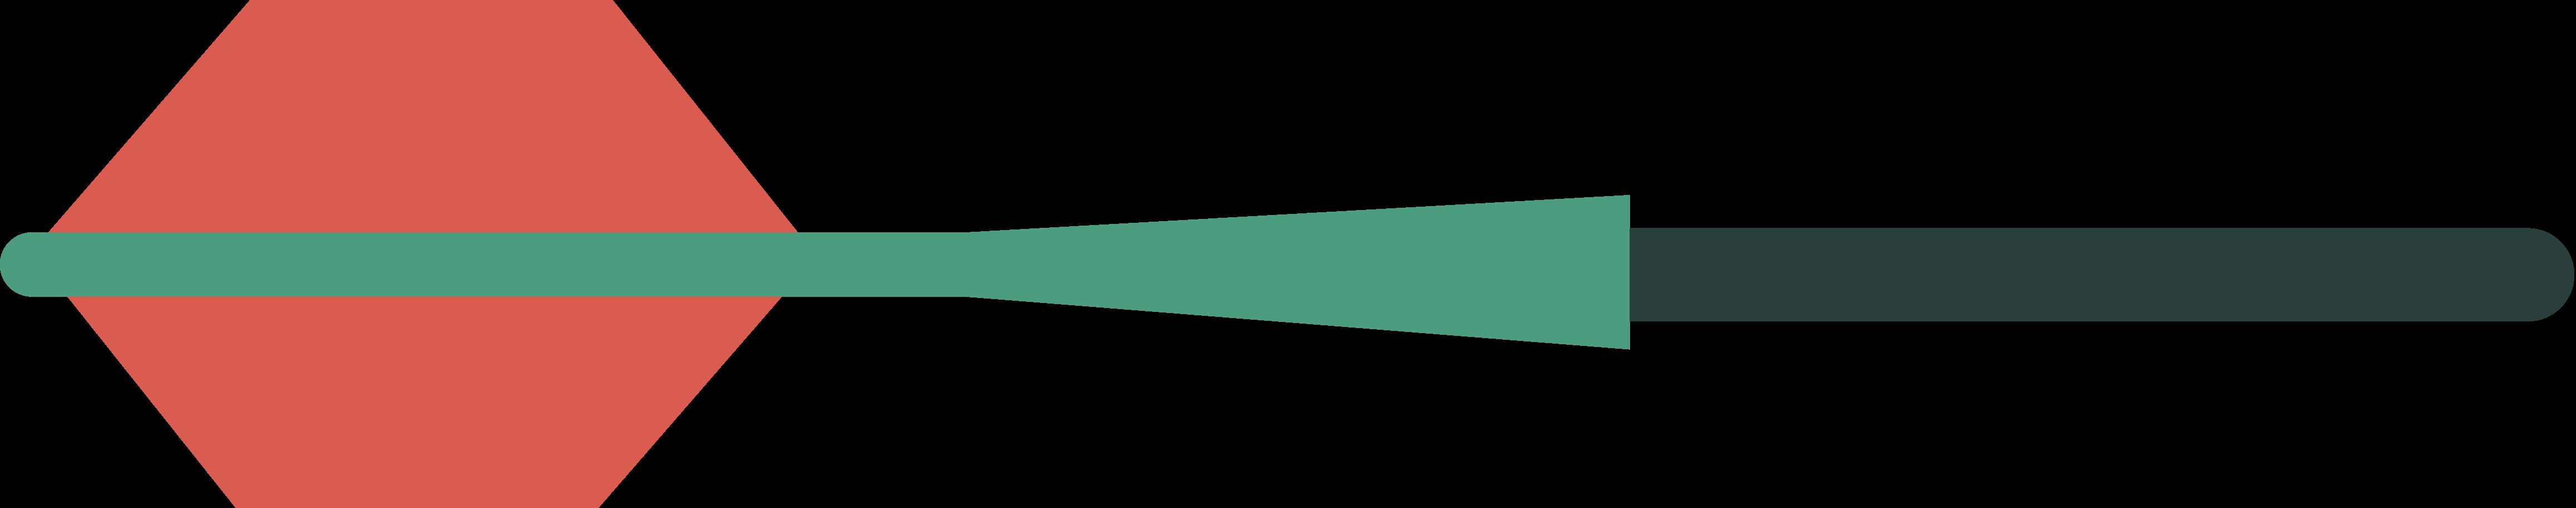 dart Clipart illustration in PNG, SVG